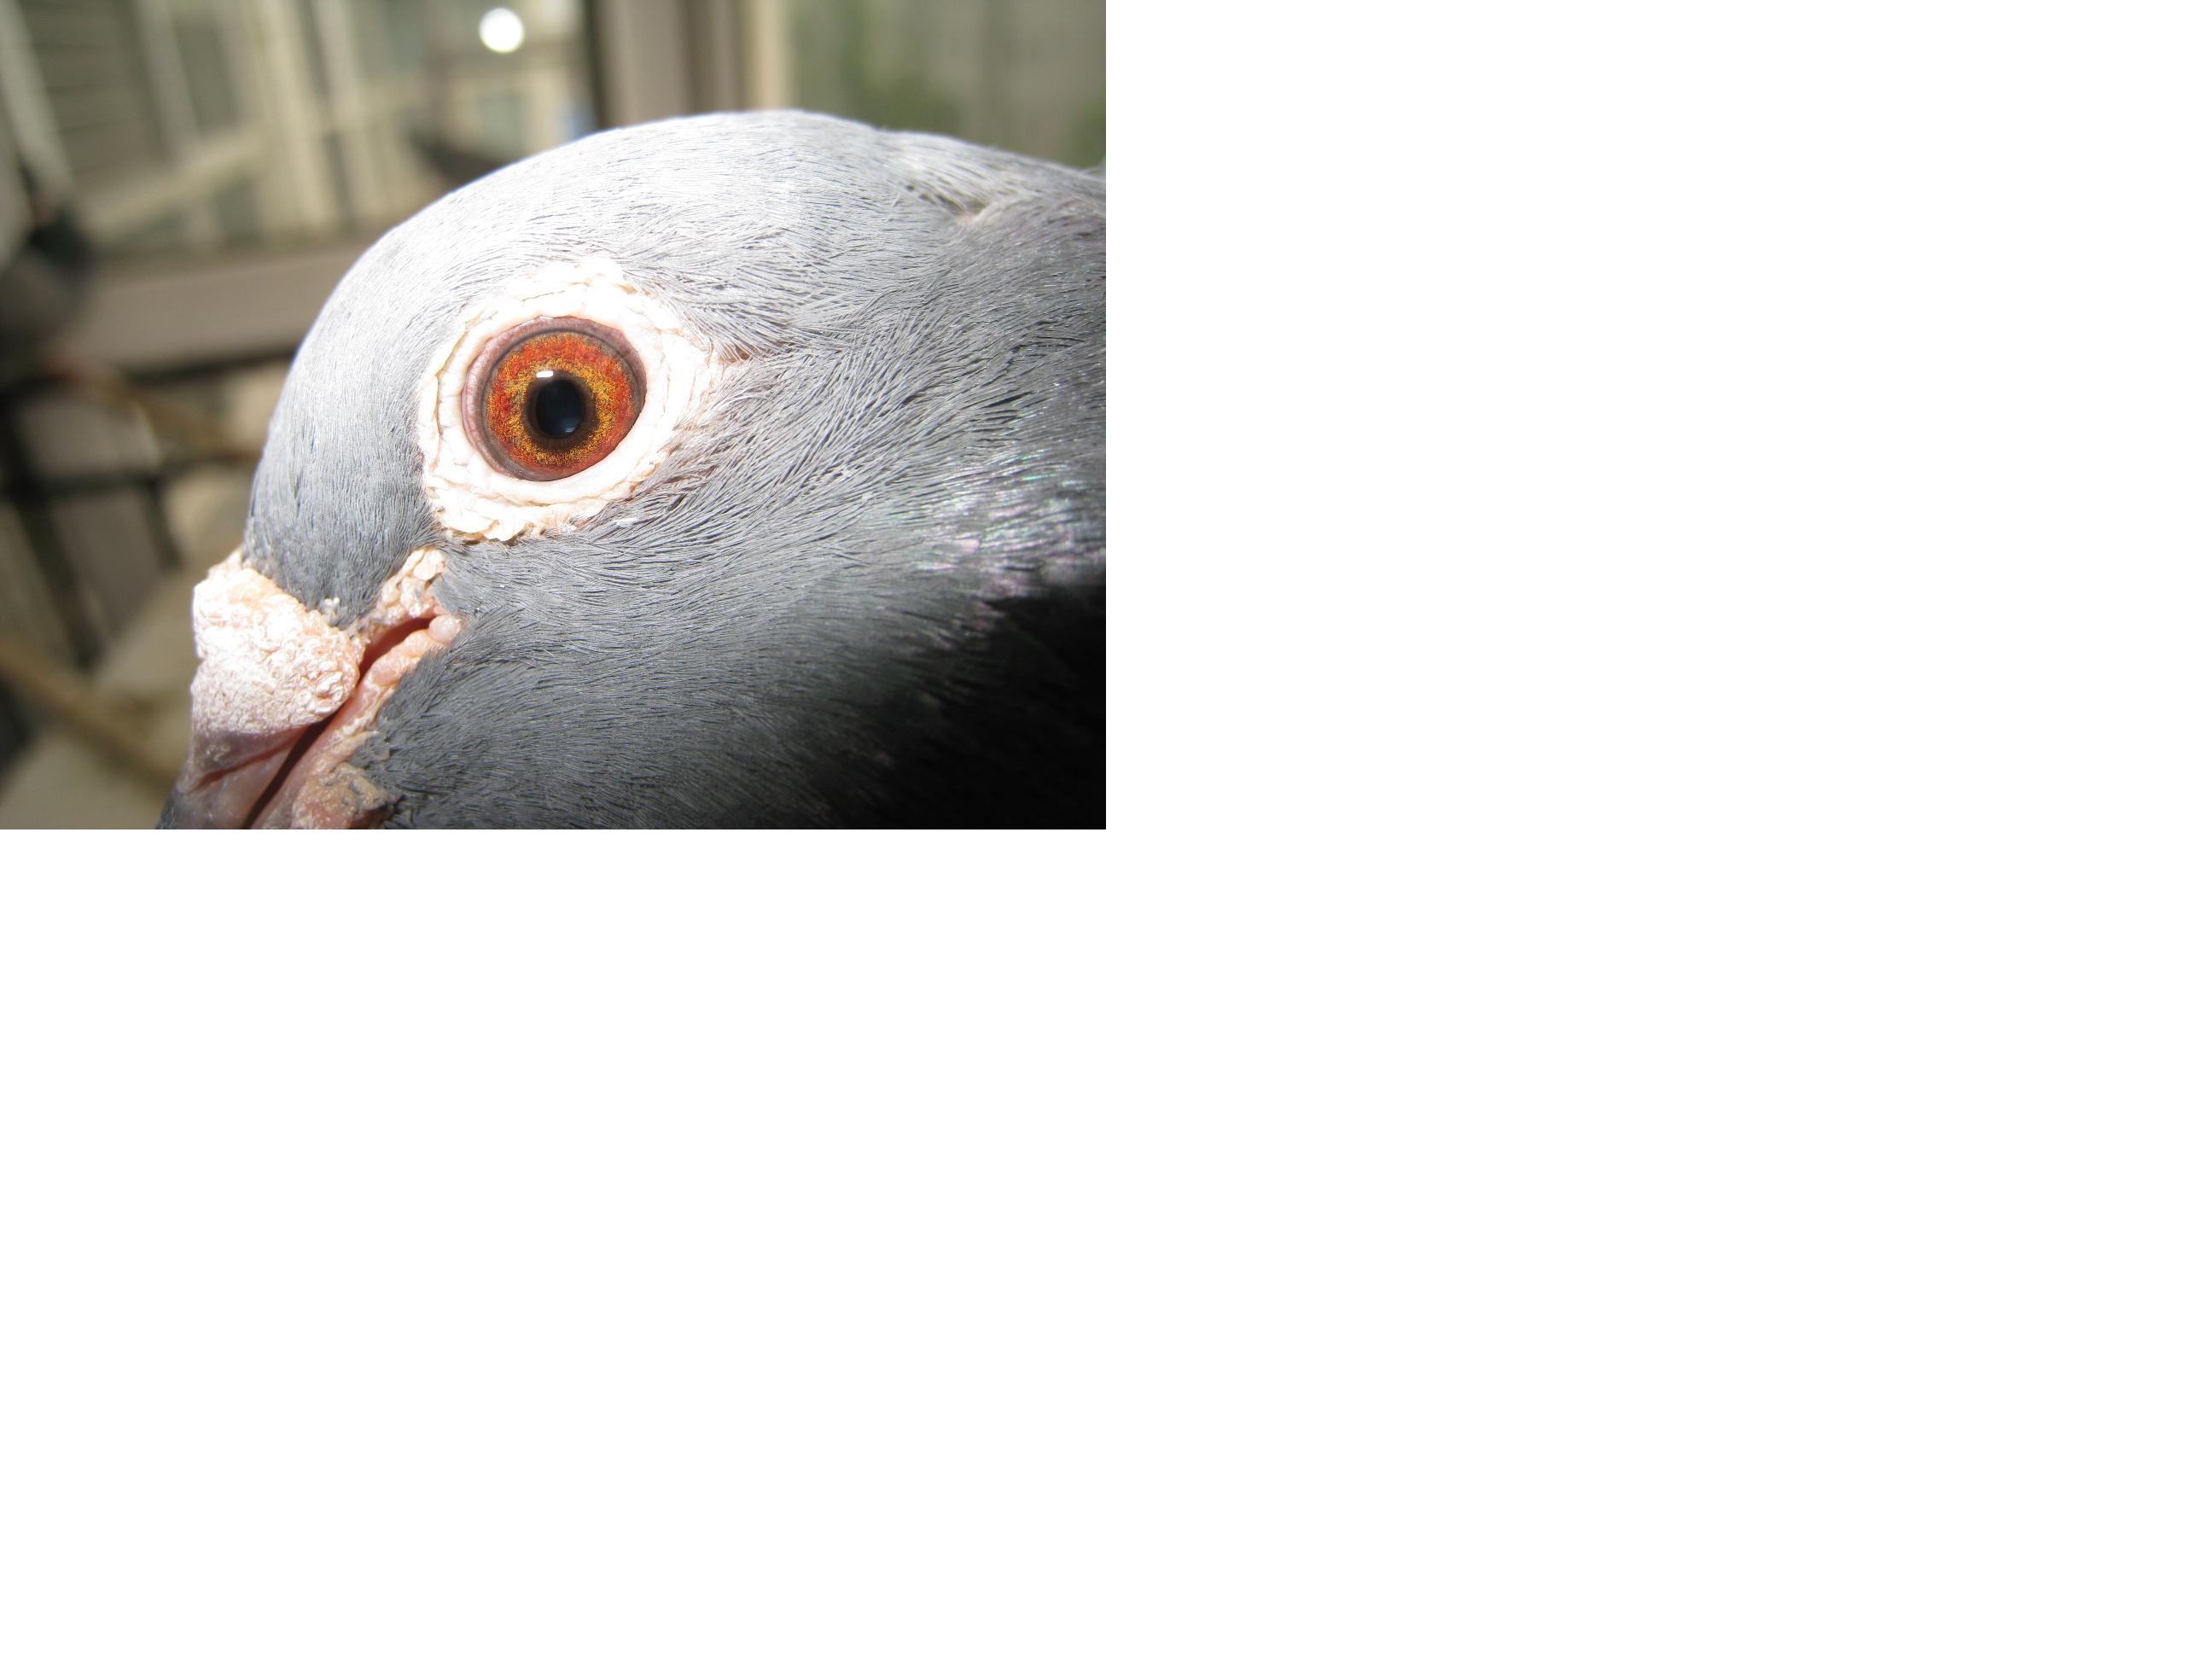 信鸽鸽眼好坏图片 怎么看鸽子的眼睛好坏呢